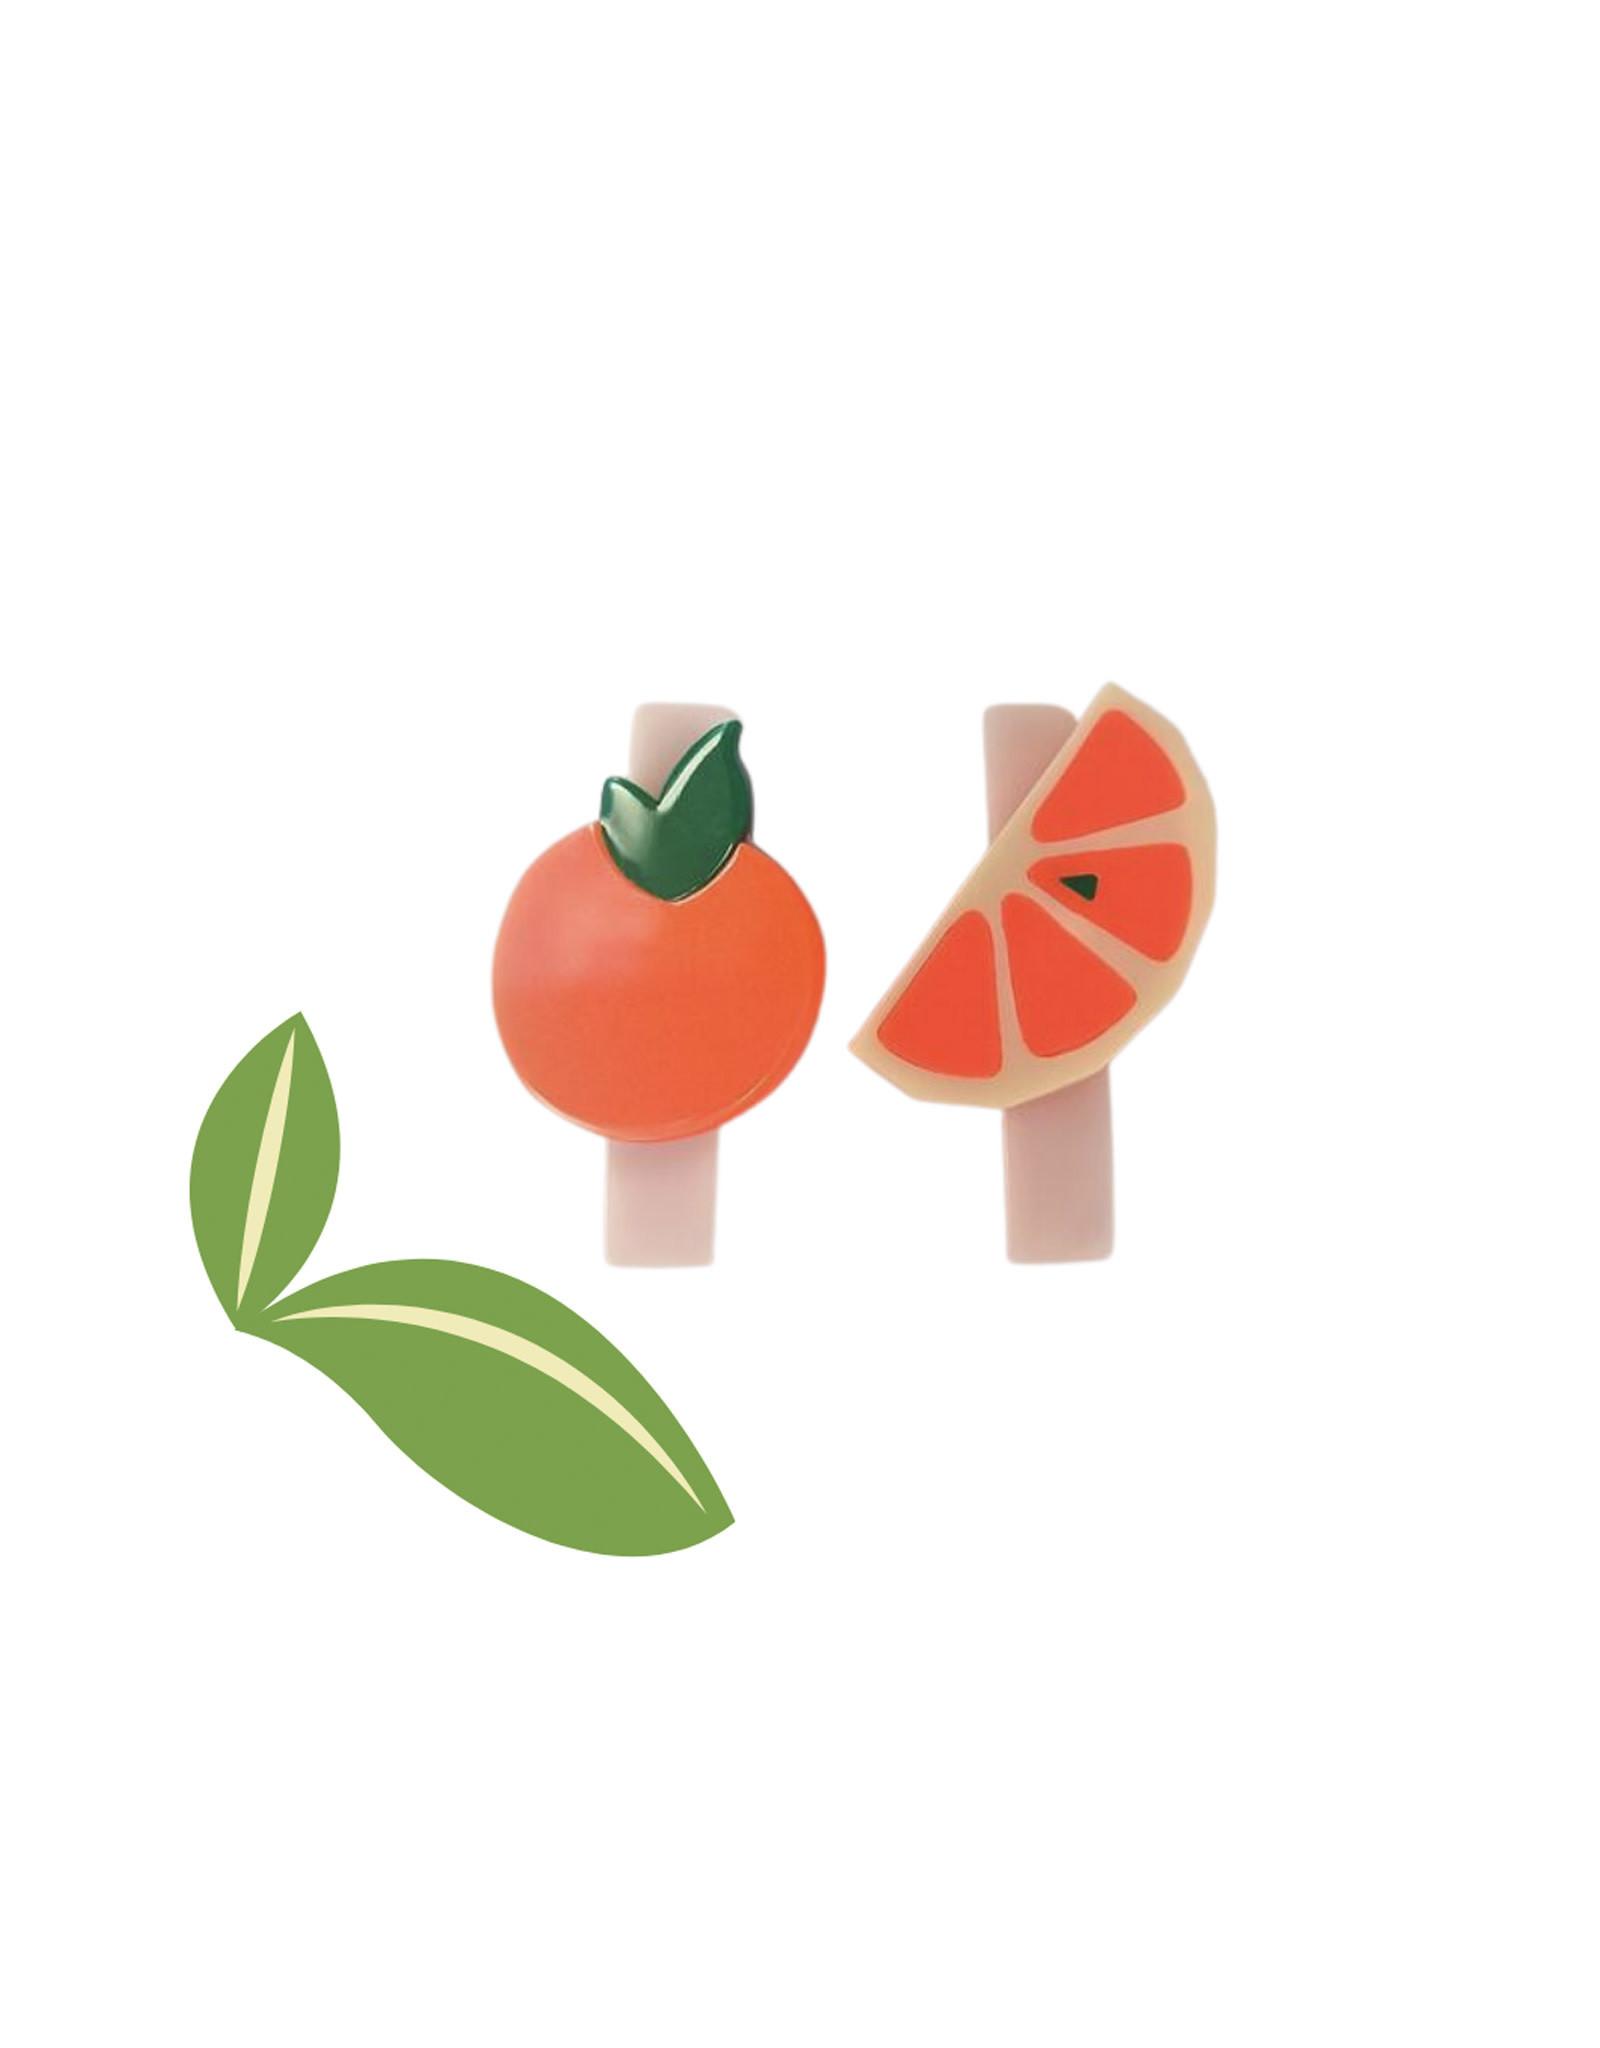 Lillies & Roses Orange and Slice Alligator Clip (pair)